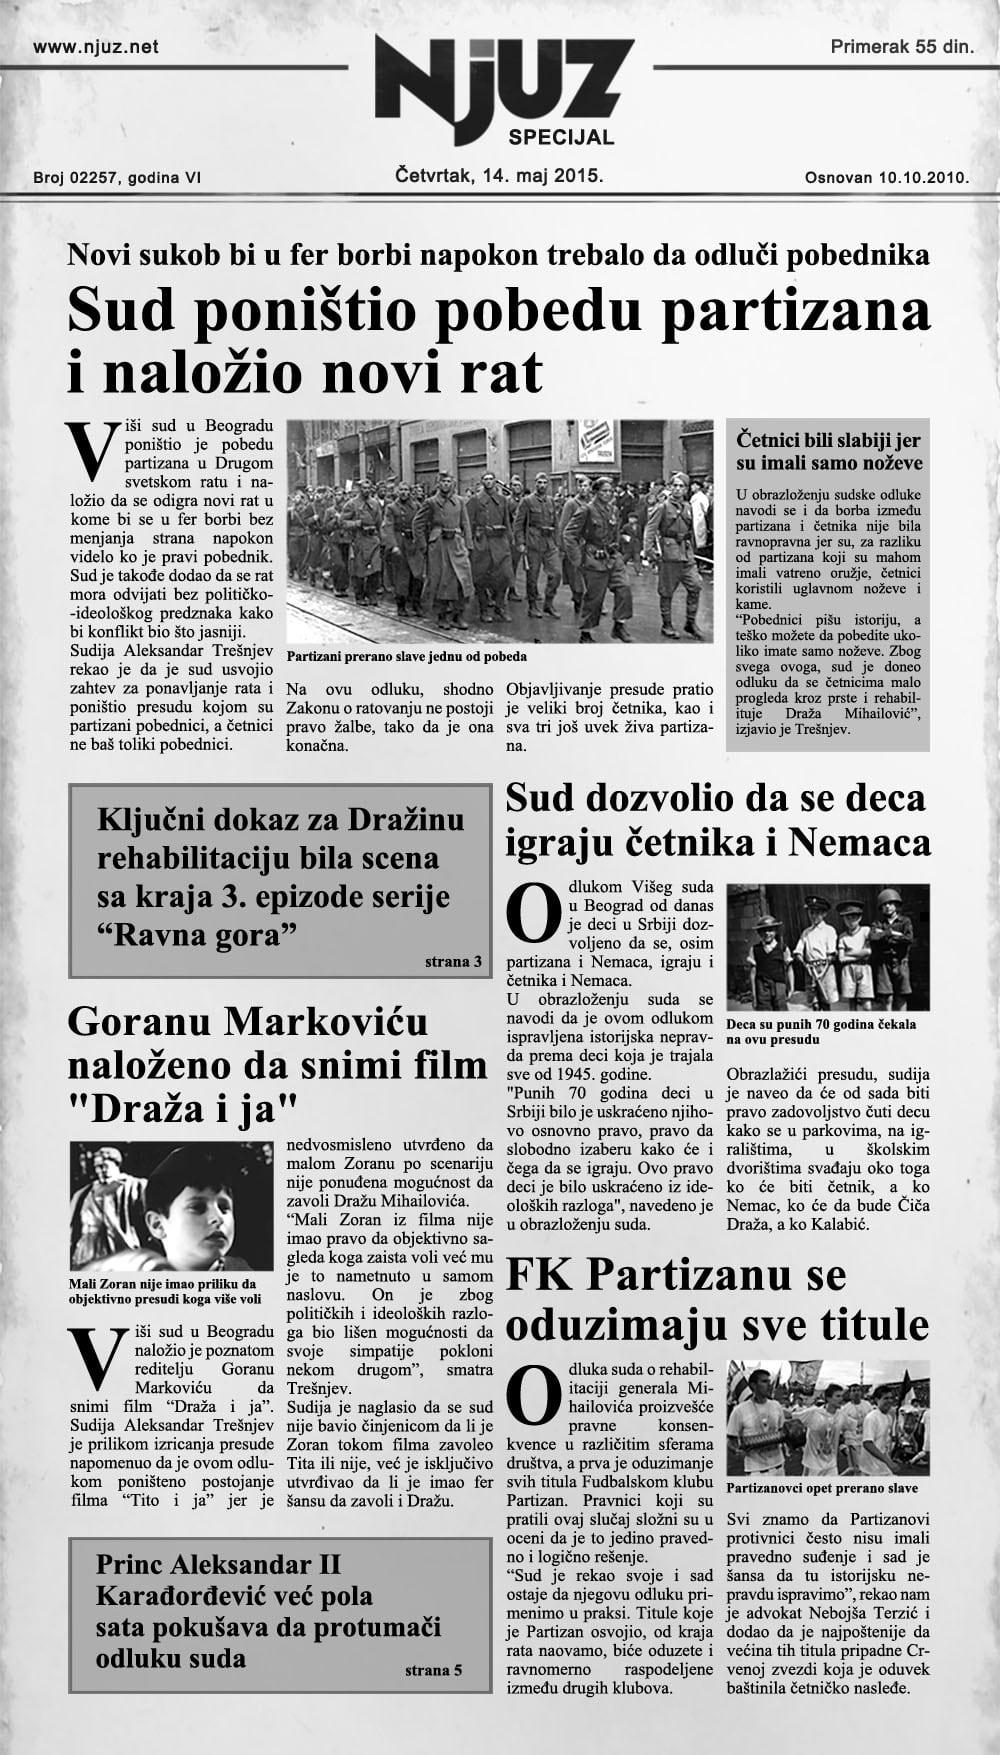 00_njuz specijal19_draza